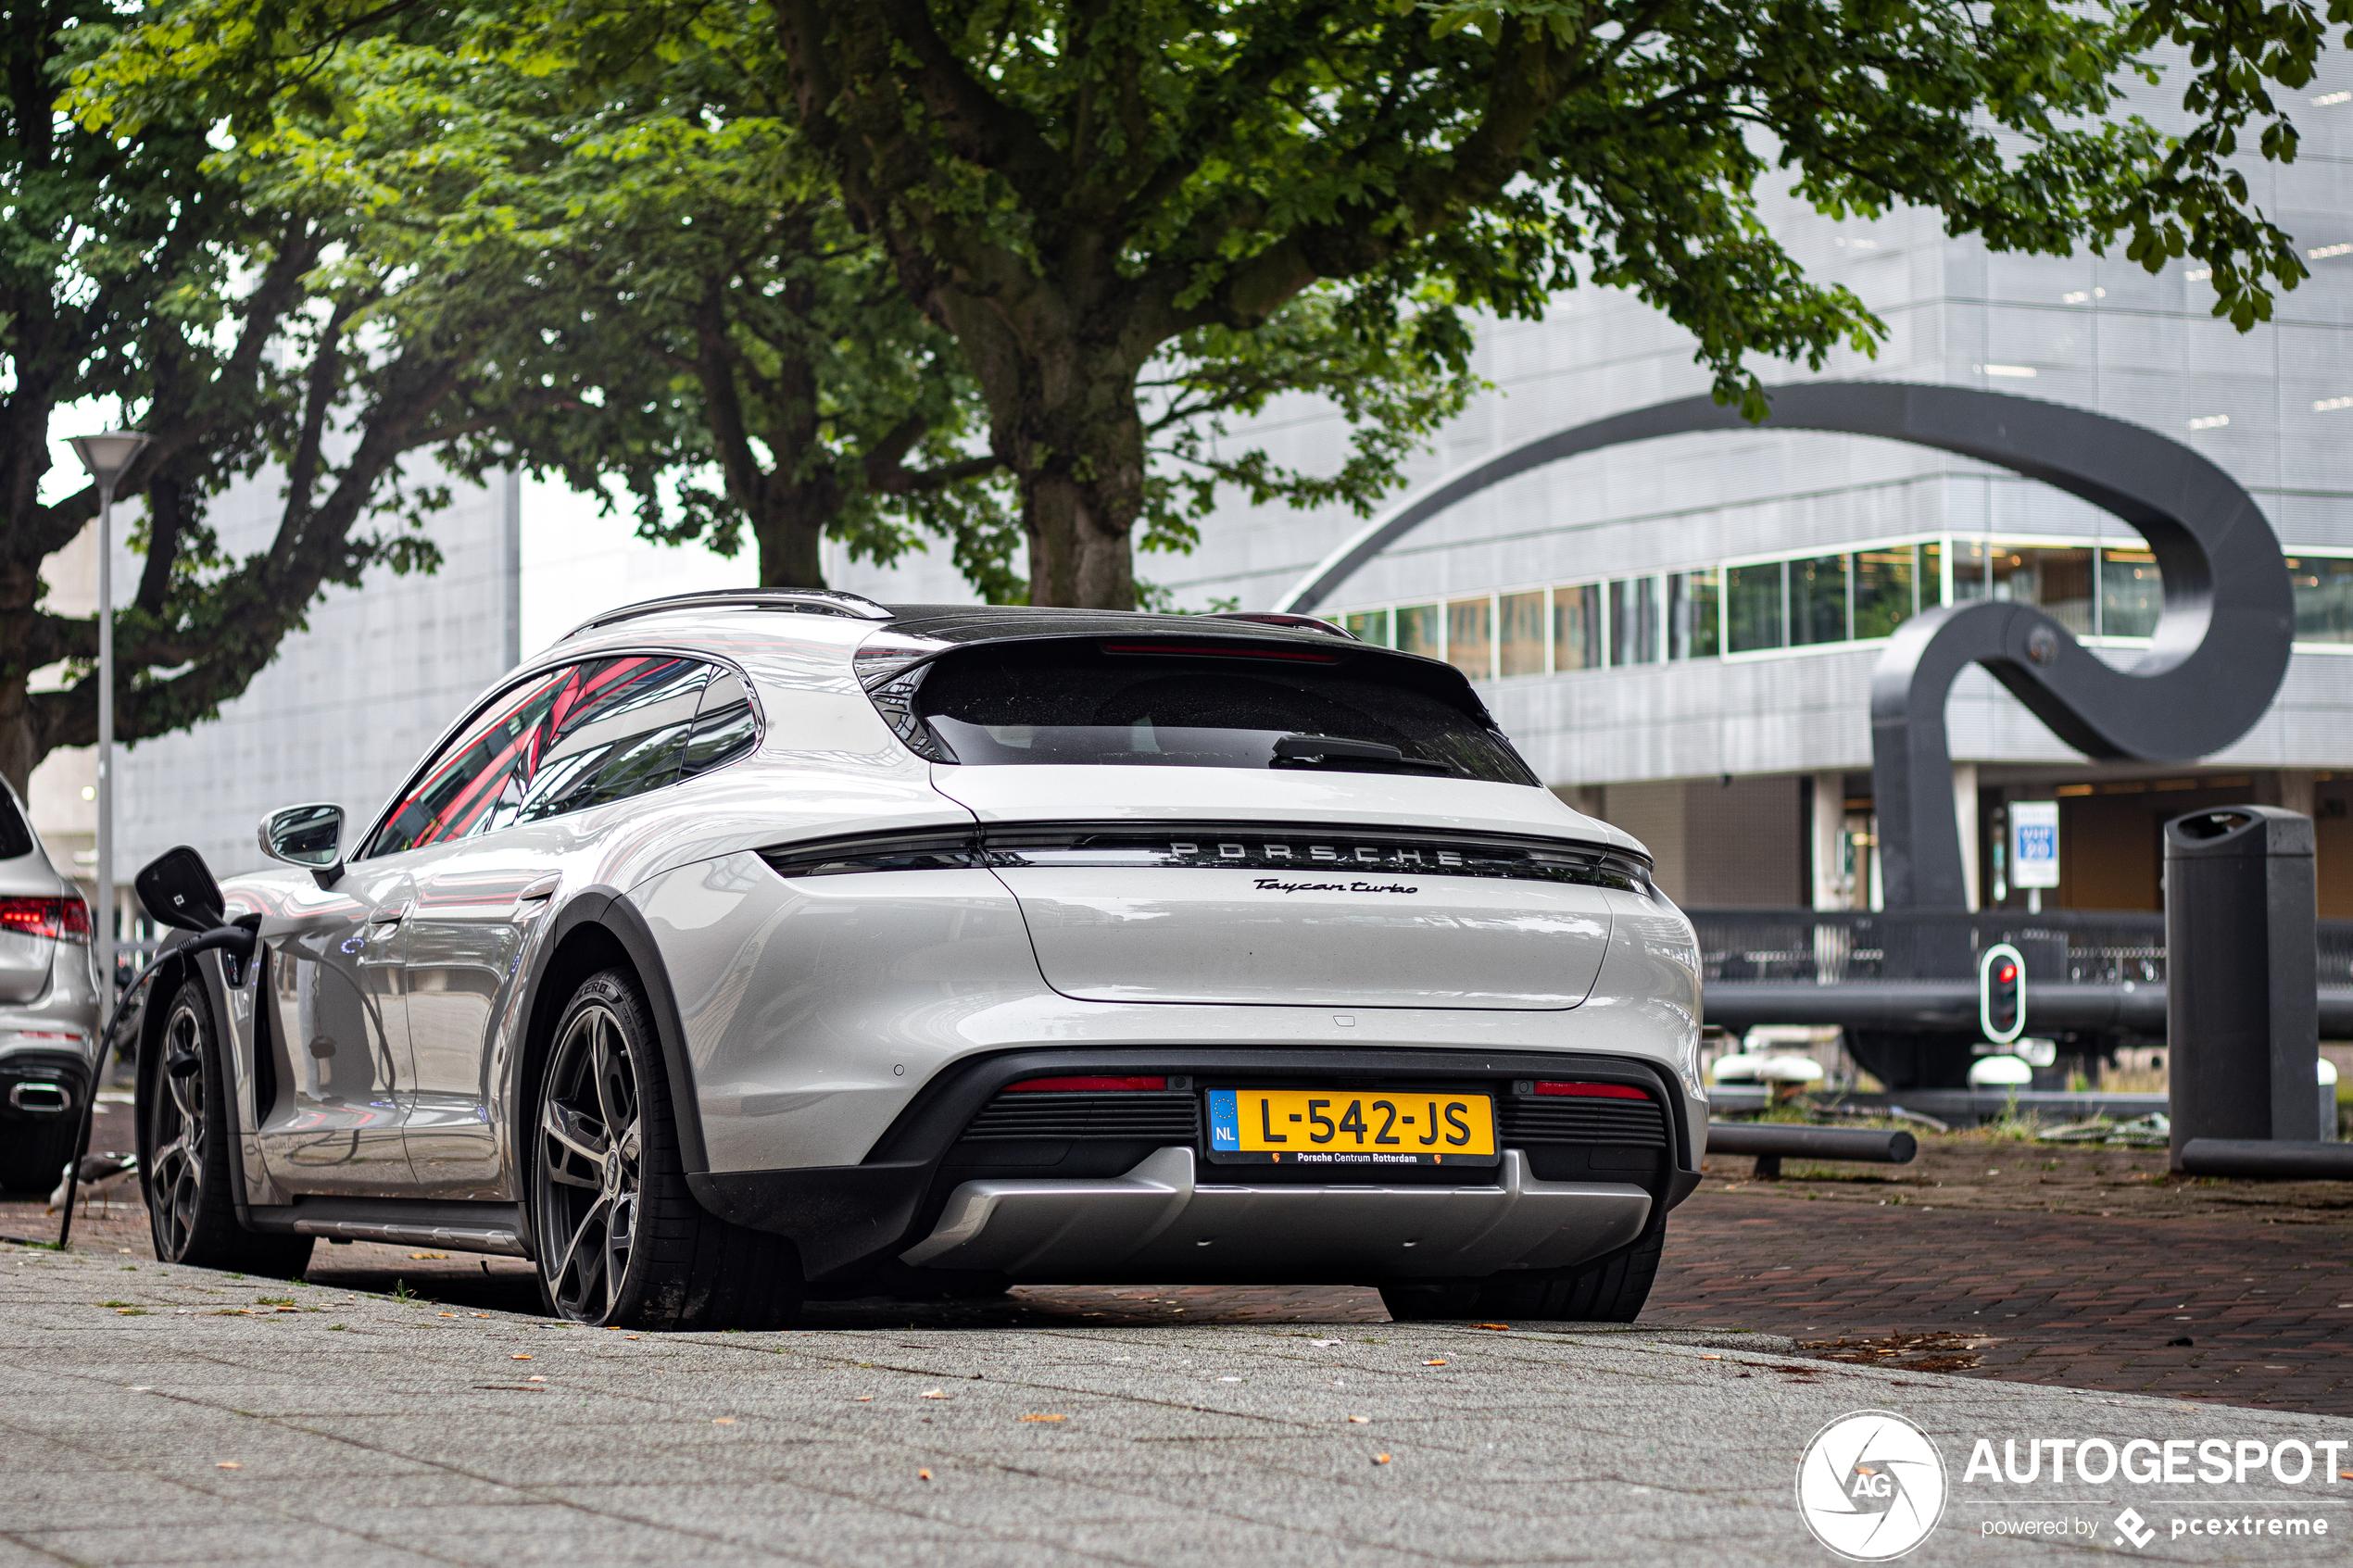 Dit is de eerste Porsche Taycan Turbo Cross Turismo van Nederland